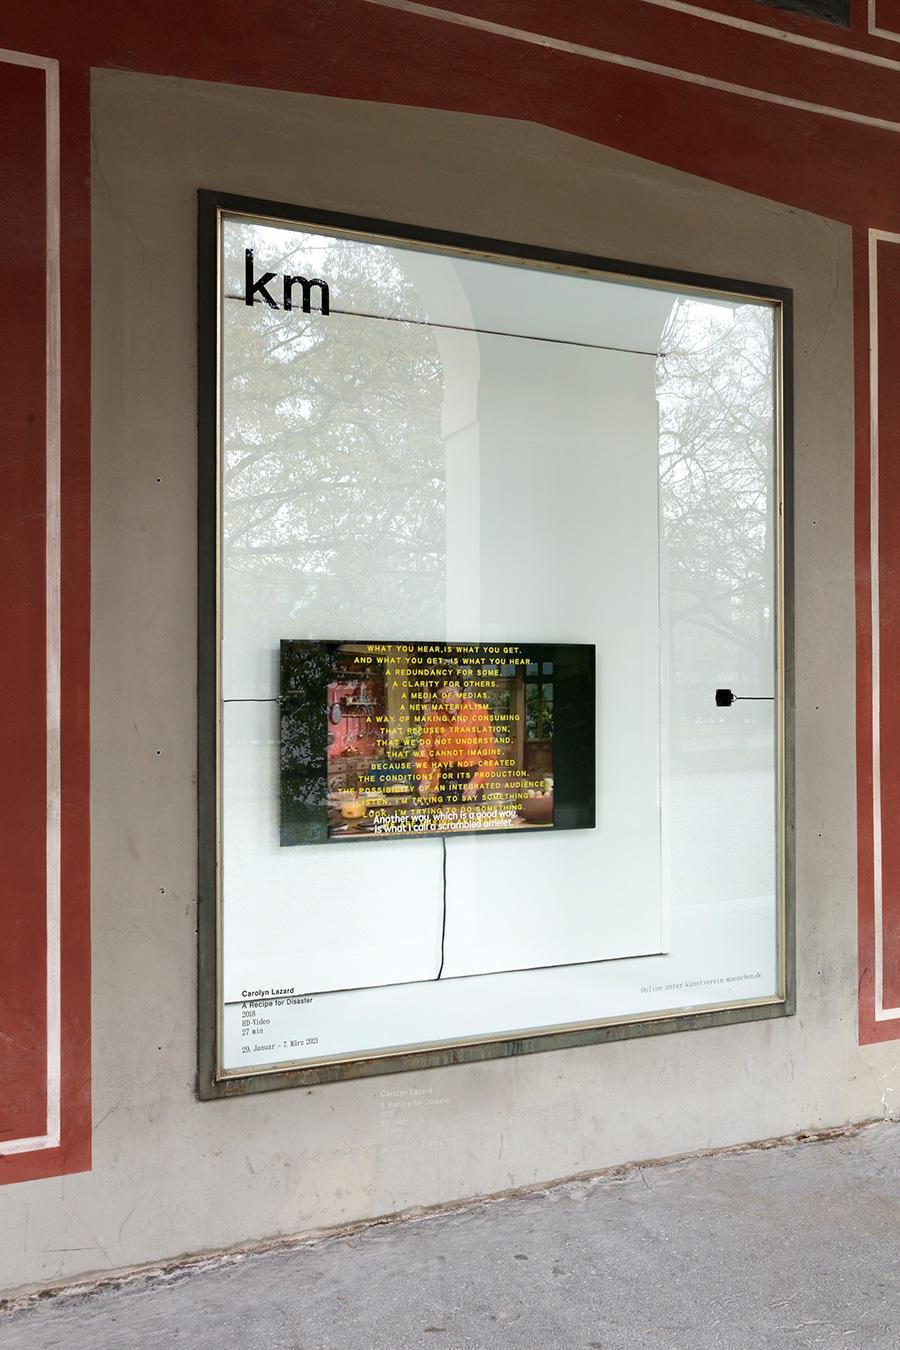 Carolyn Lazard, A Recipe for Disaster, 2018, installation view, Schaufenster, Kunstverein München. Courtesy: the artist